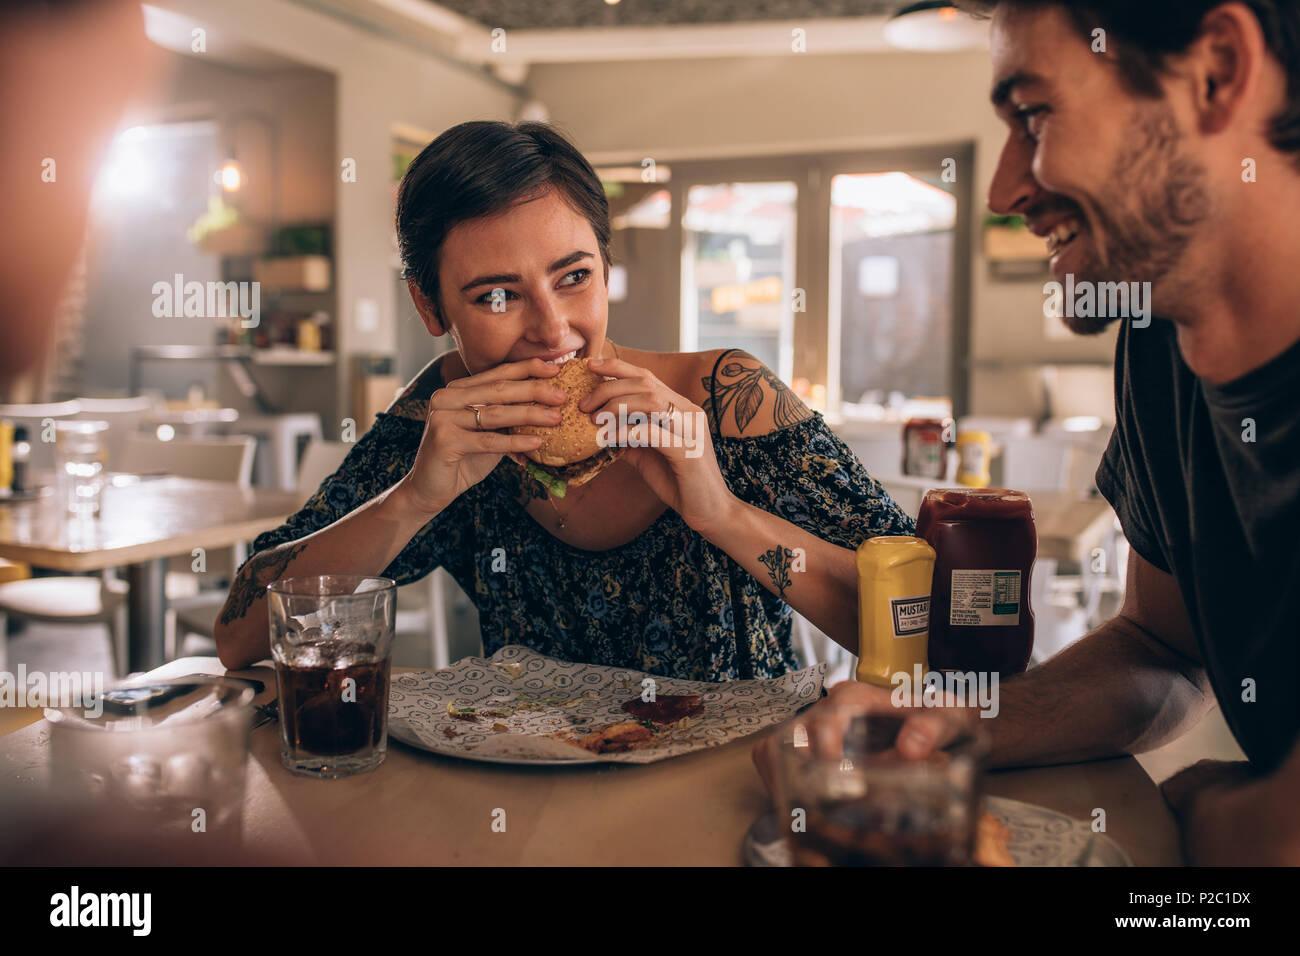 Young woman eating burger en étant assis avec des amis au restaurant. Les jeunes à discuter et manger burger au café. Photo Stock